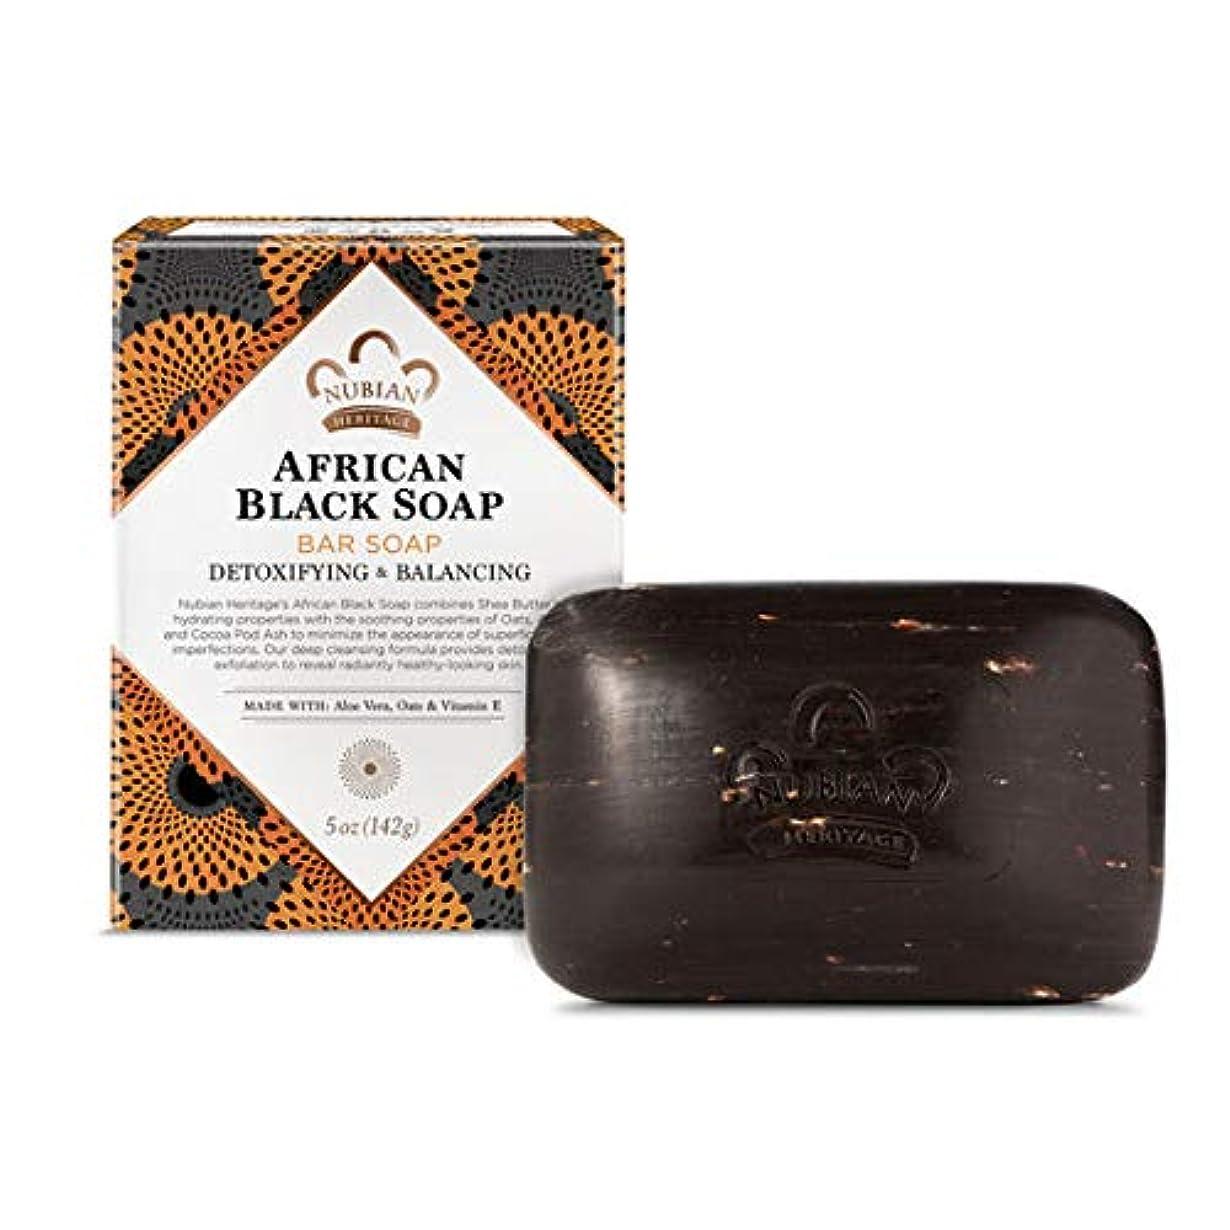 息子最大化するリラックスヌビアン ヘリテージ アフリカン ブラック ソープ 141g 並行輸入品 [並行輸入品]